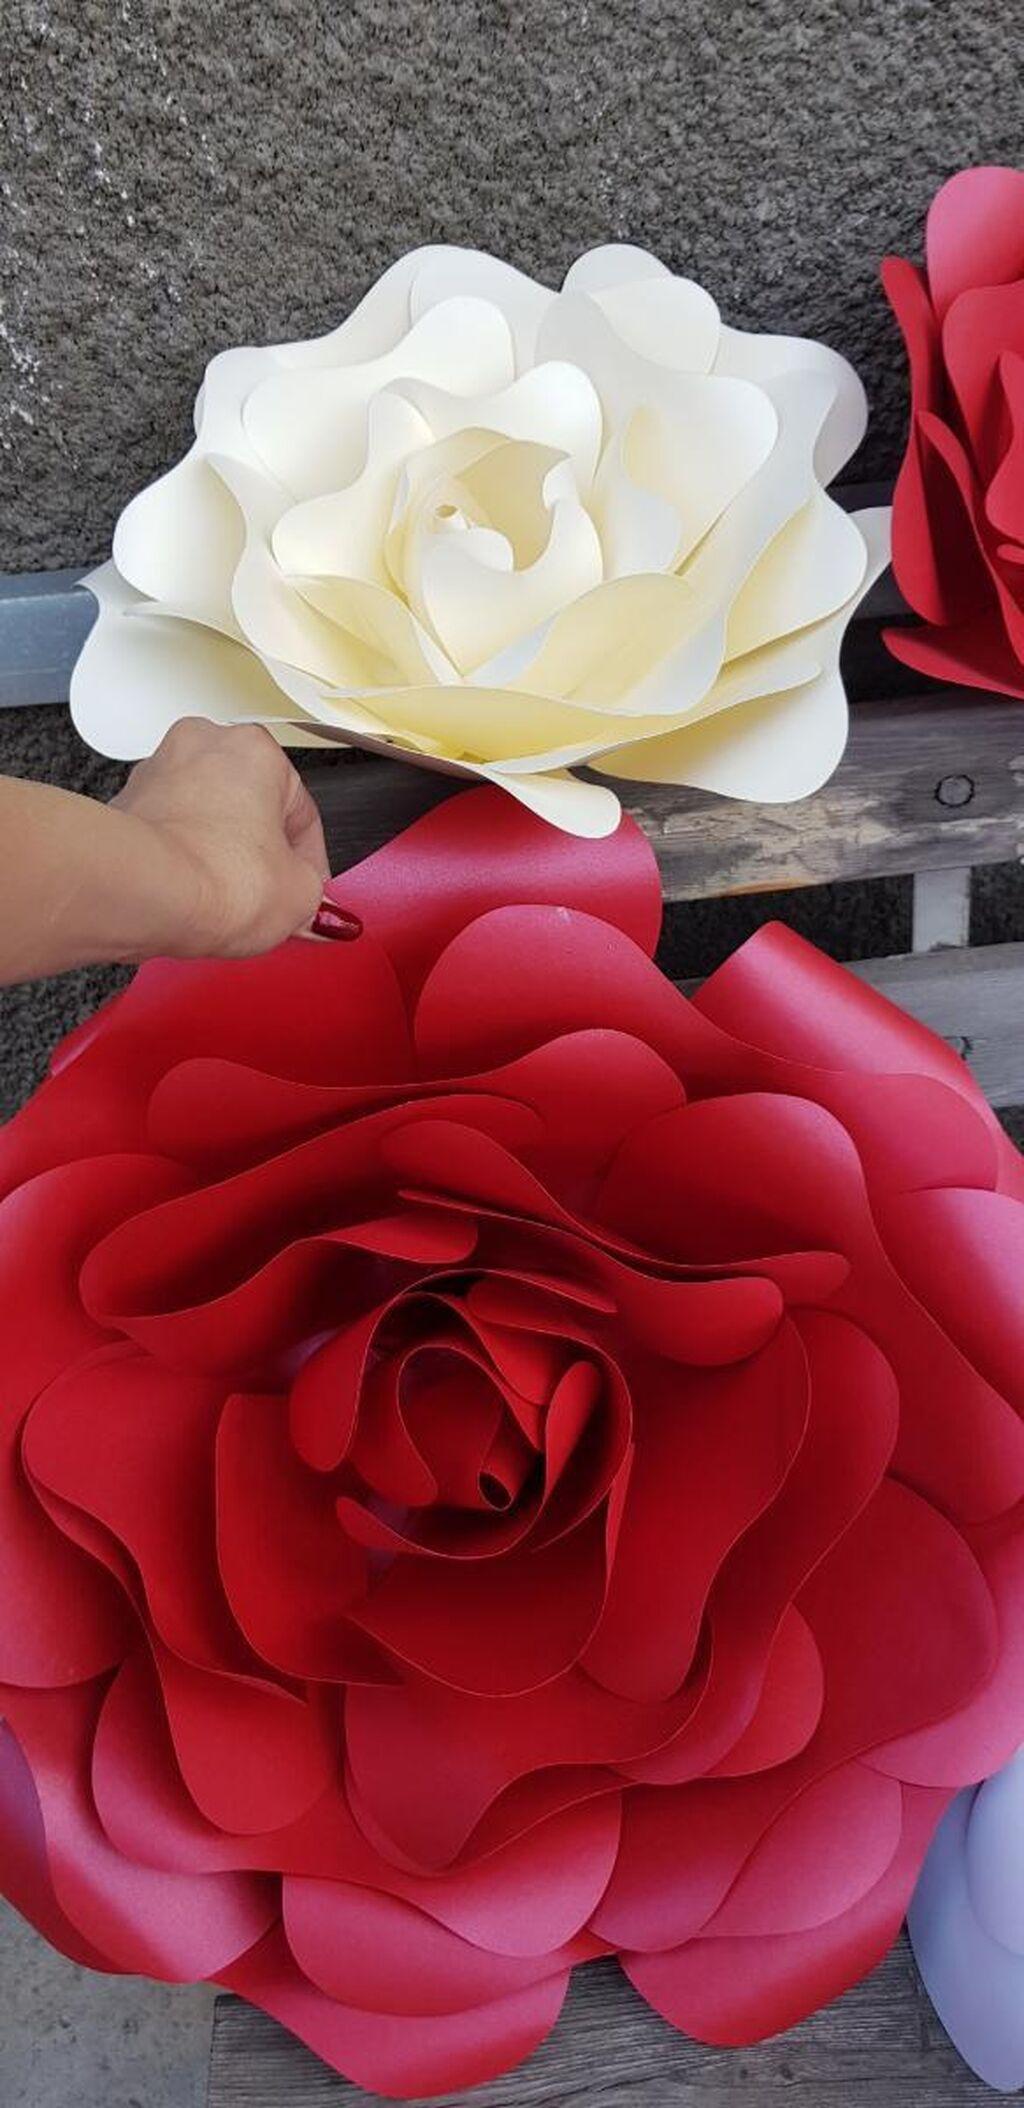 Продаю большие бумажные цветы. Цветы сделаны из дорогой  бумаги с мага: Продаю большие бумажные цветы. Цветы сделаны из дорогой  бумаги с мага